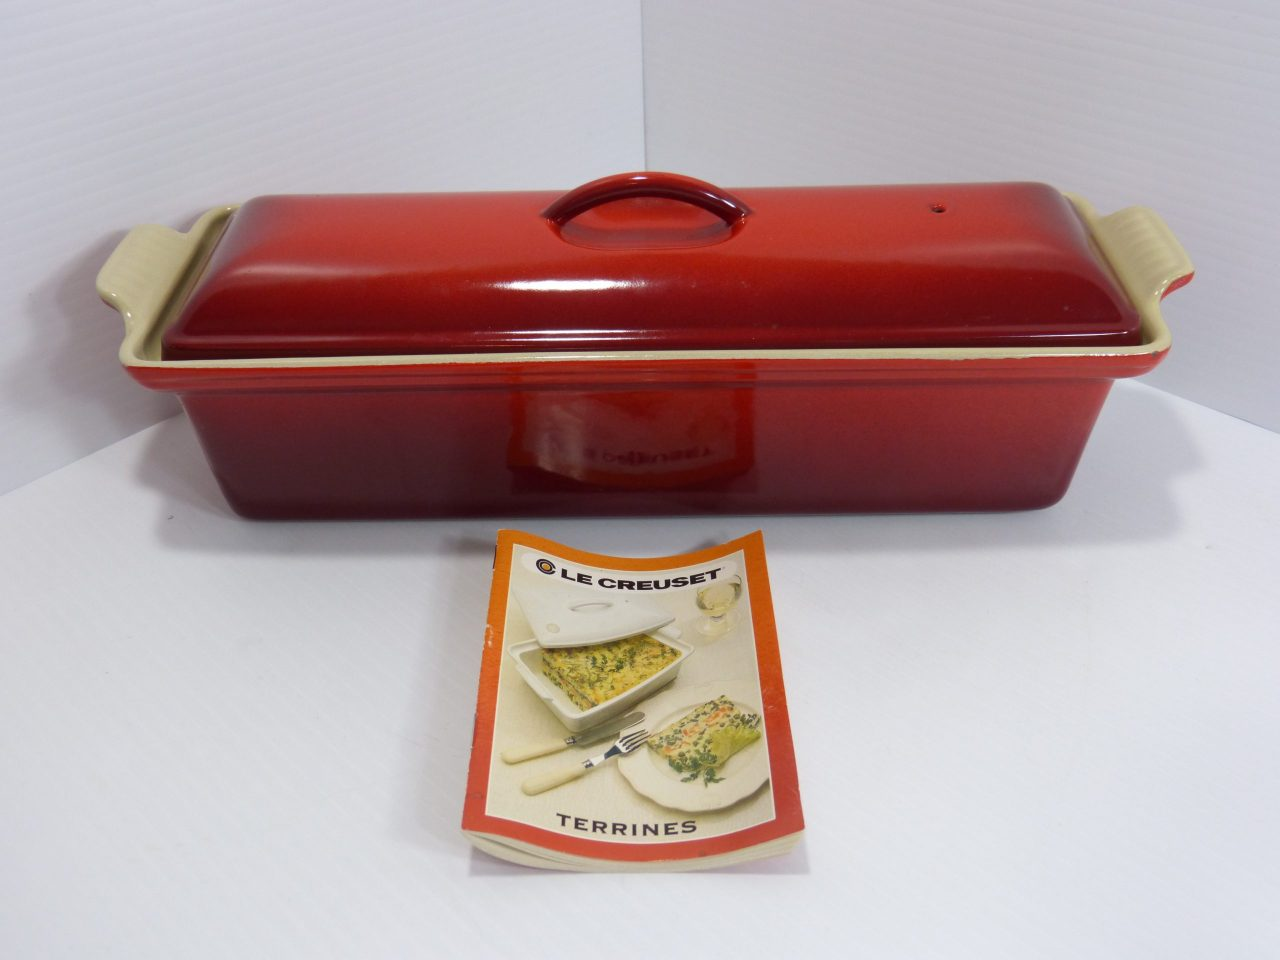 Le Creuset Enamel Cast Iron Terrine Red #32 1.5qt